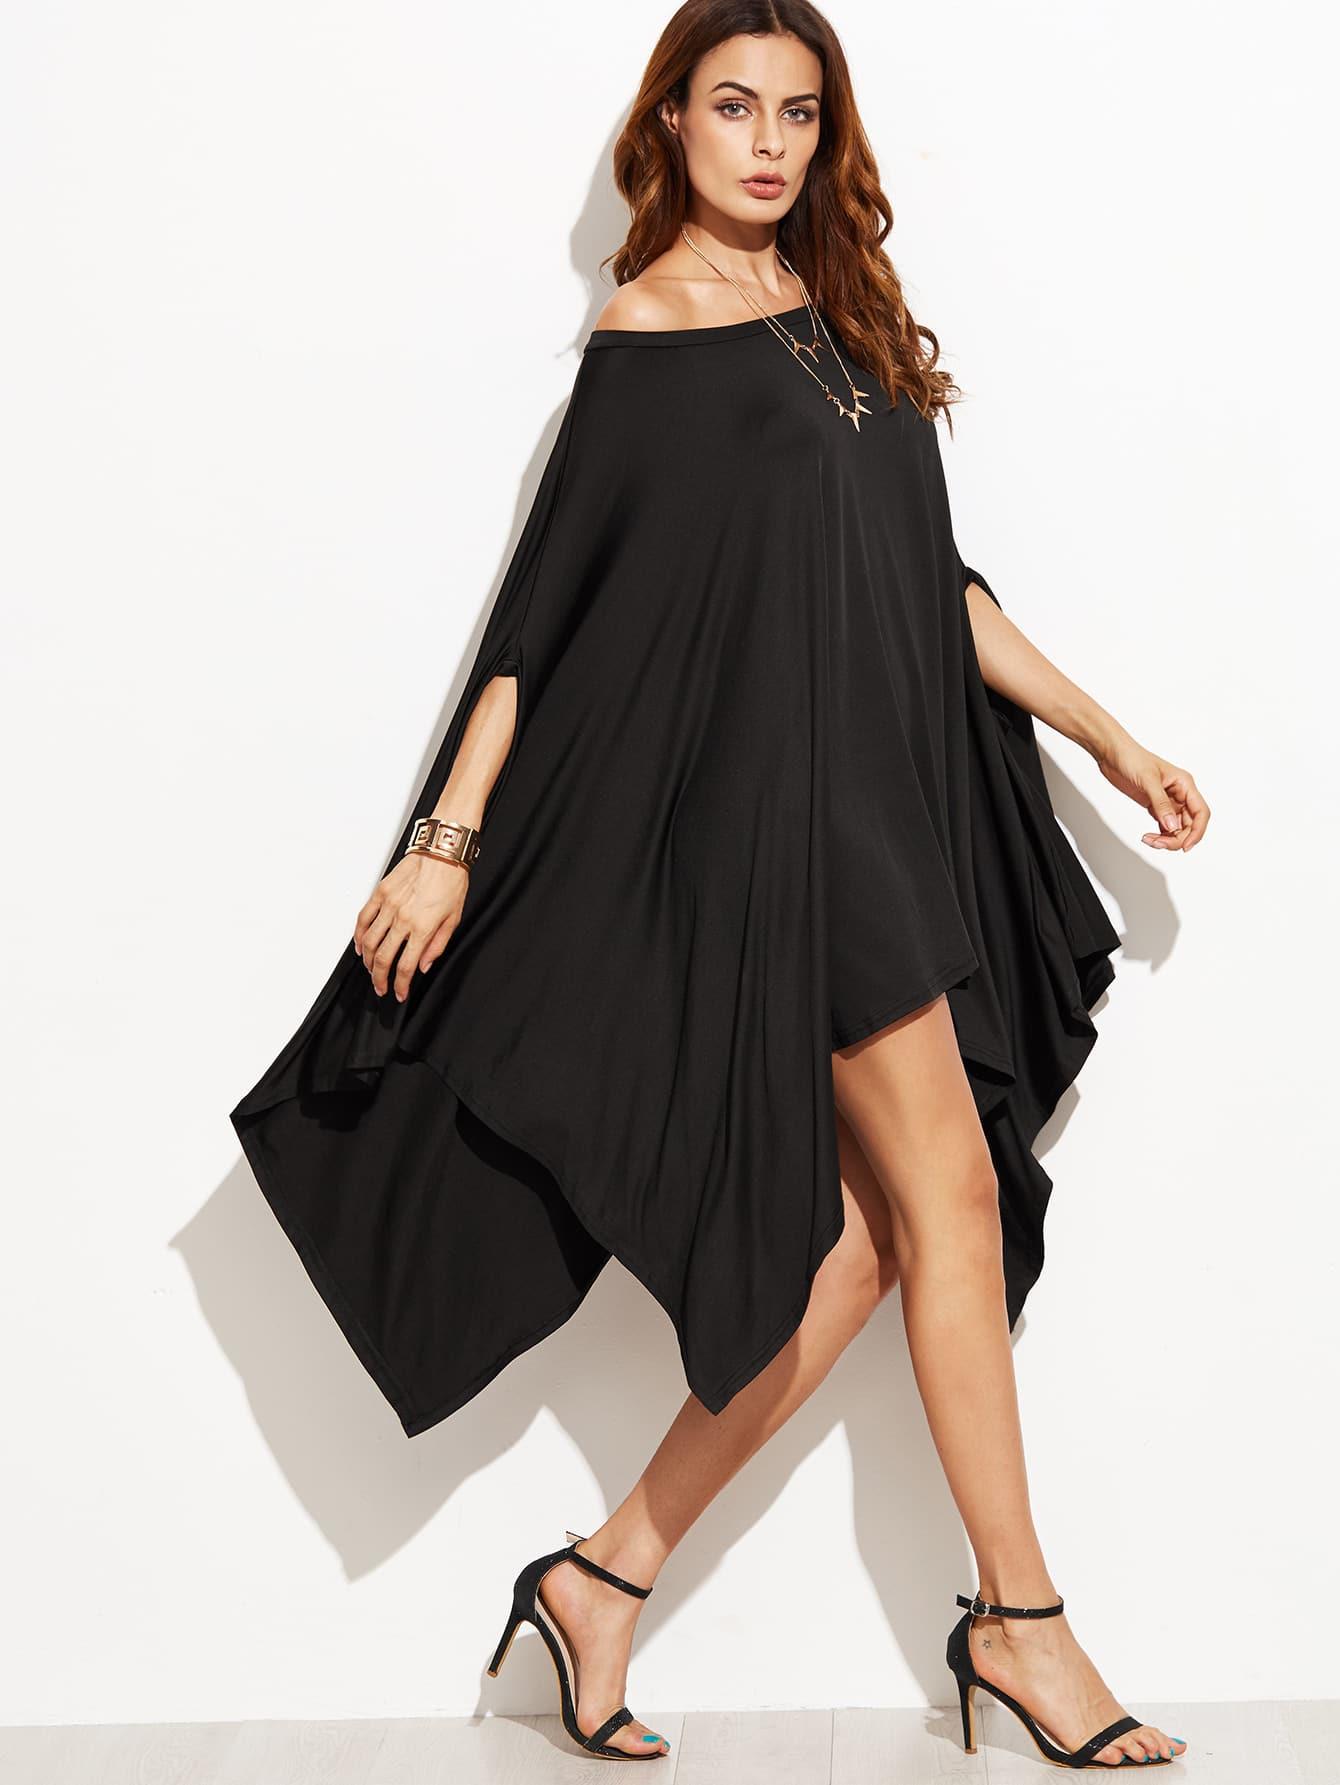 dress160901304_2